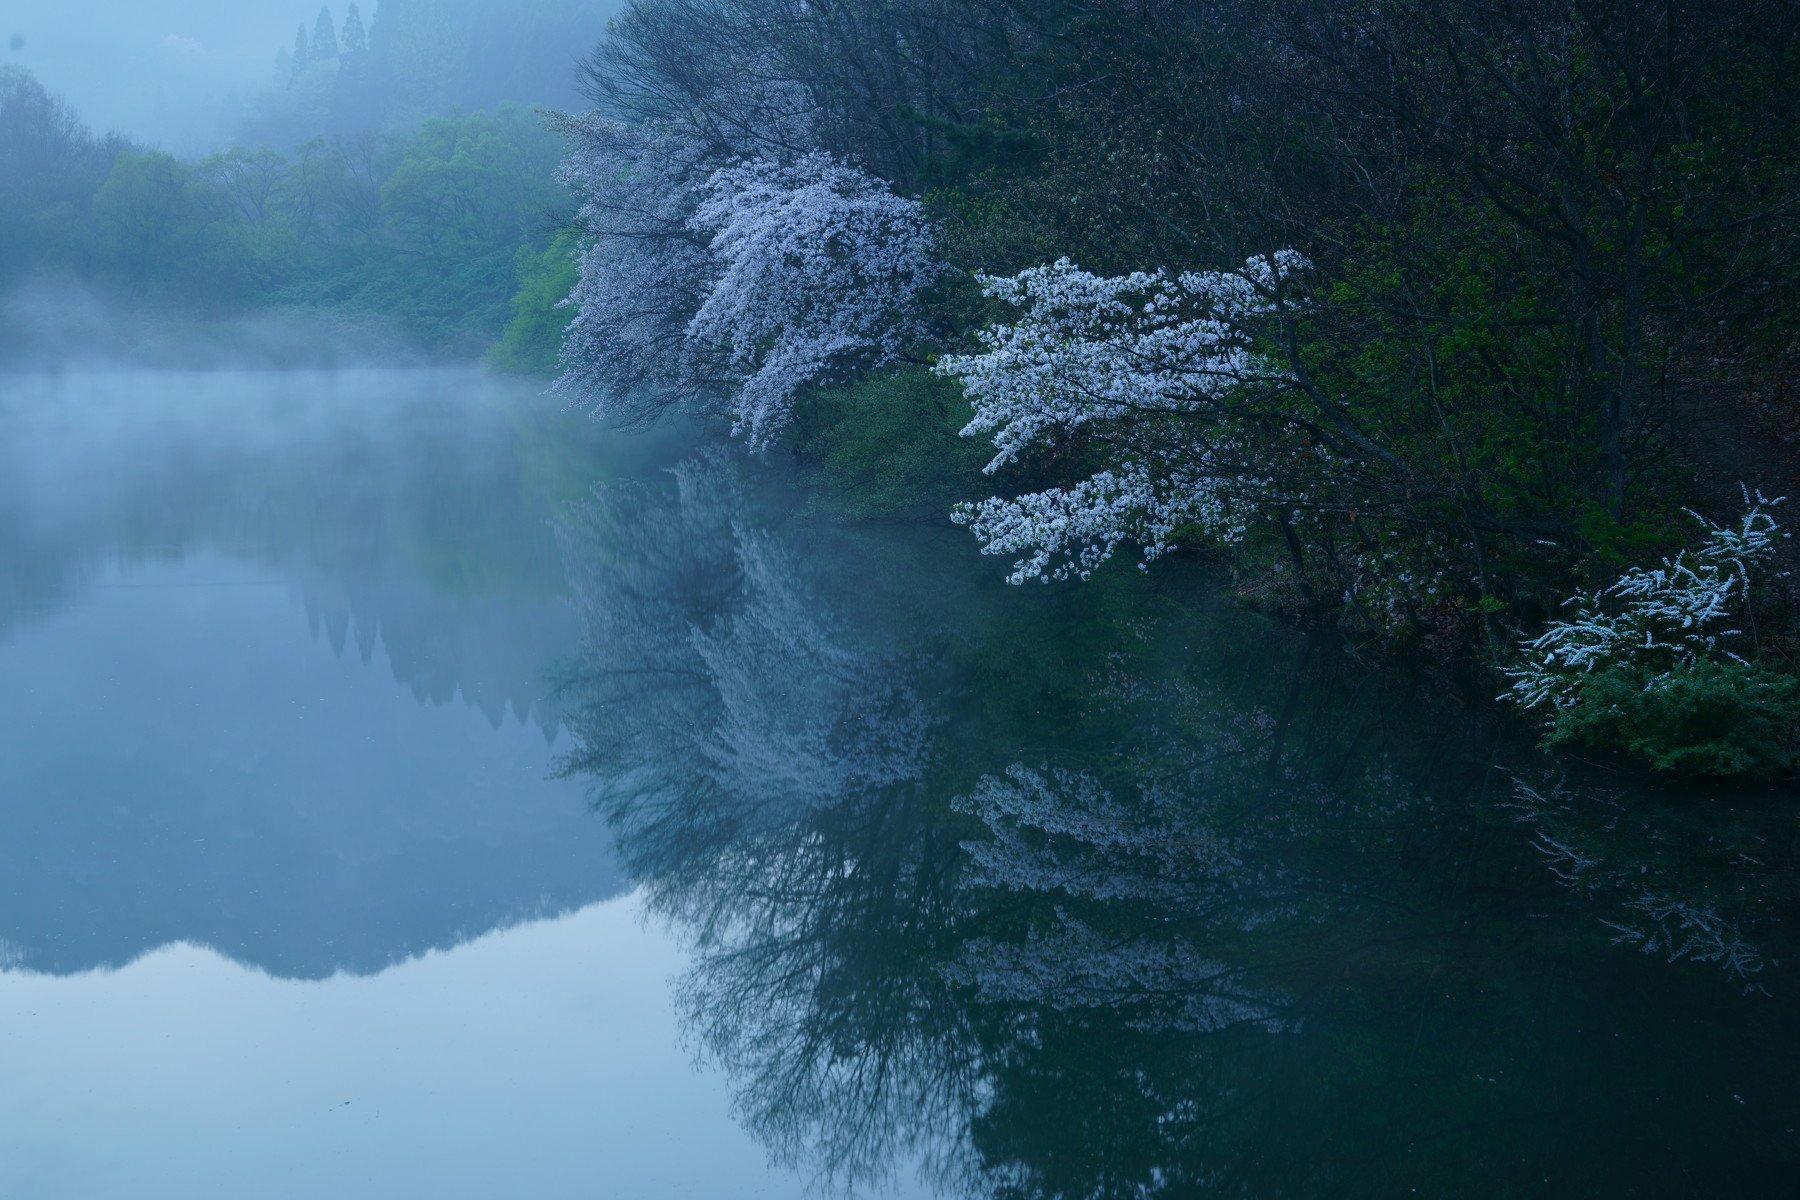 korea,spring,reservoir,morning,cherry blossom,fog,mountain,landscape, Shin